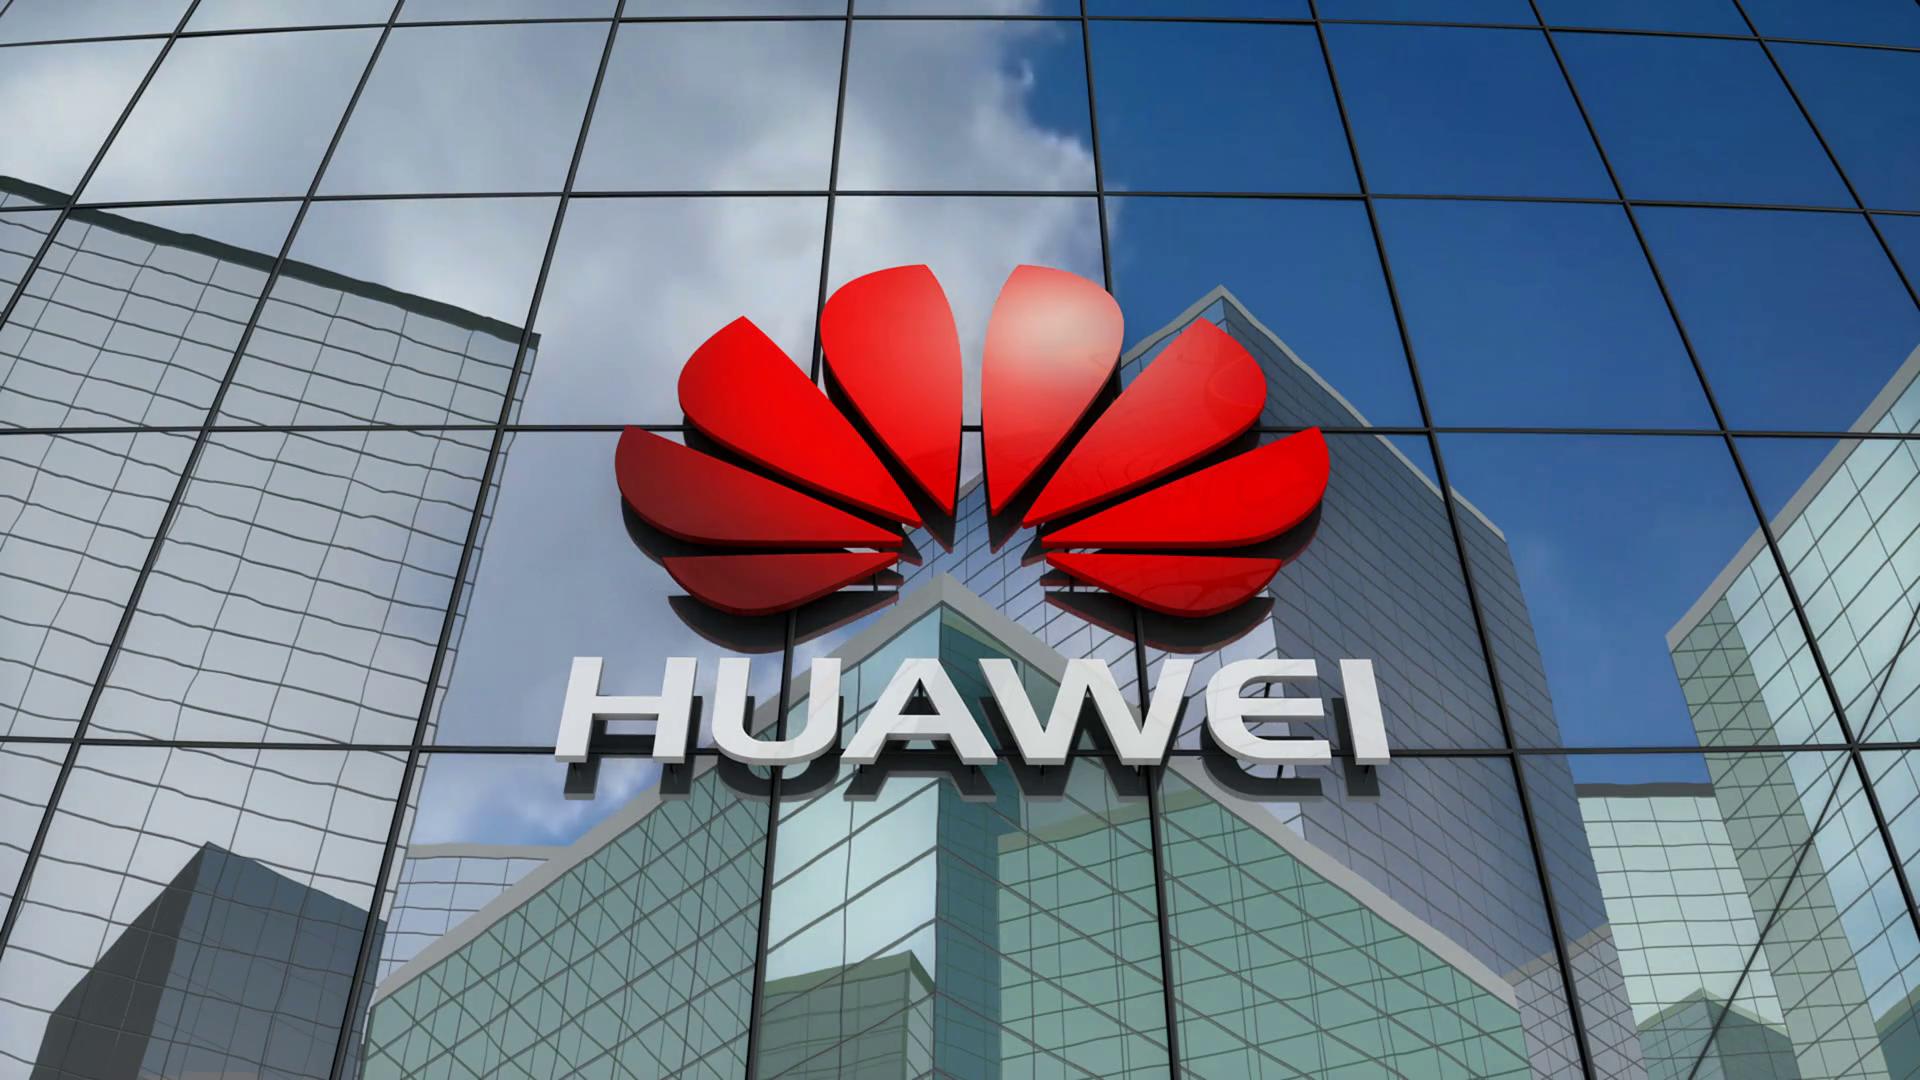 Huawei co nen dat long tin vao Trung Quoc anh 1